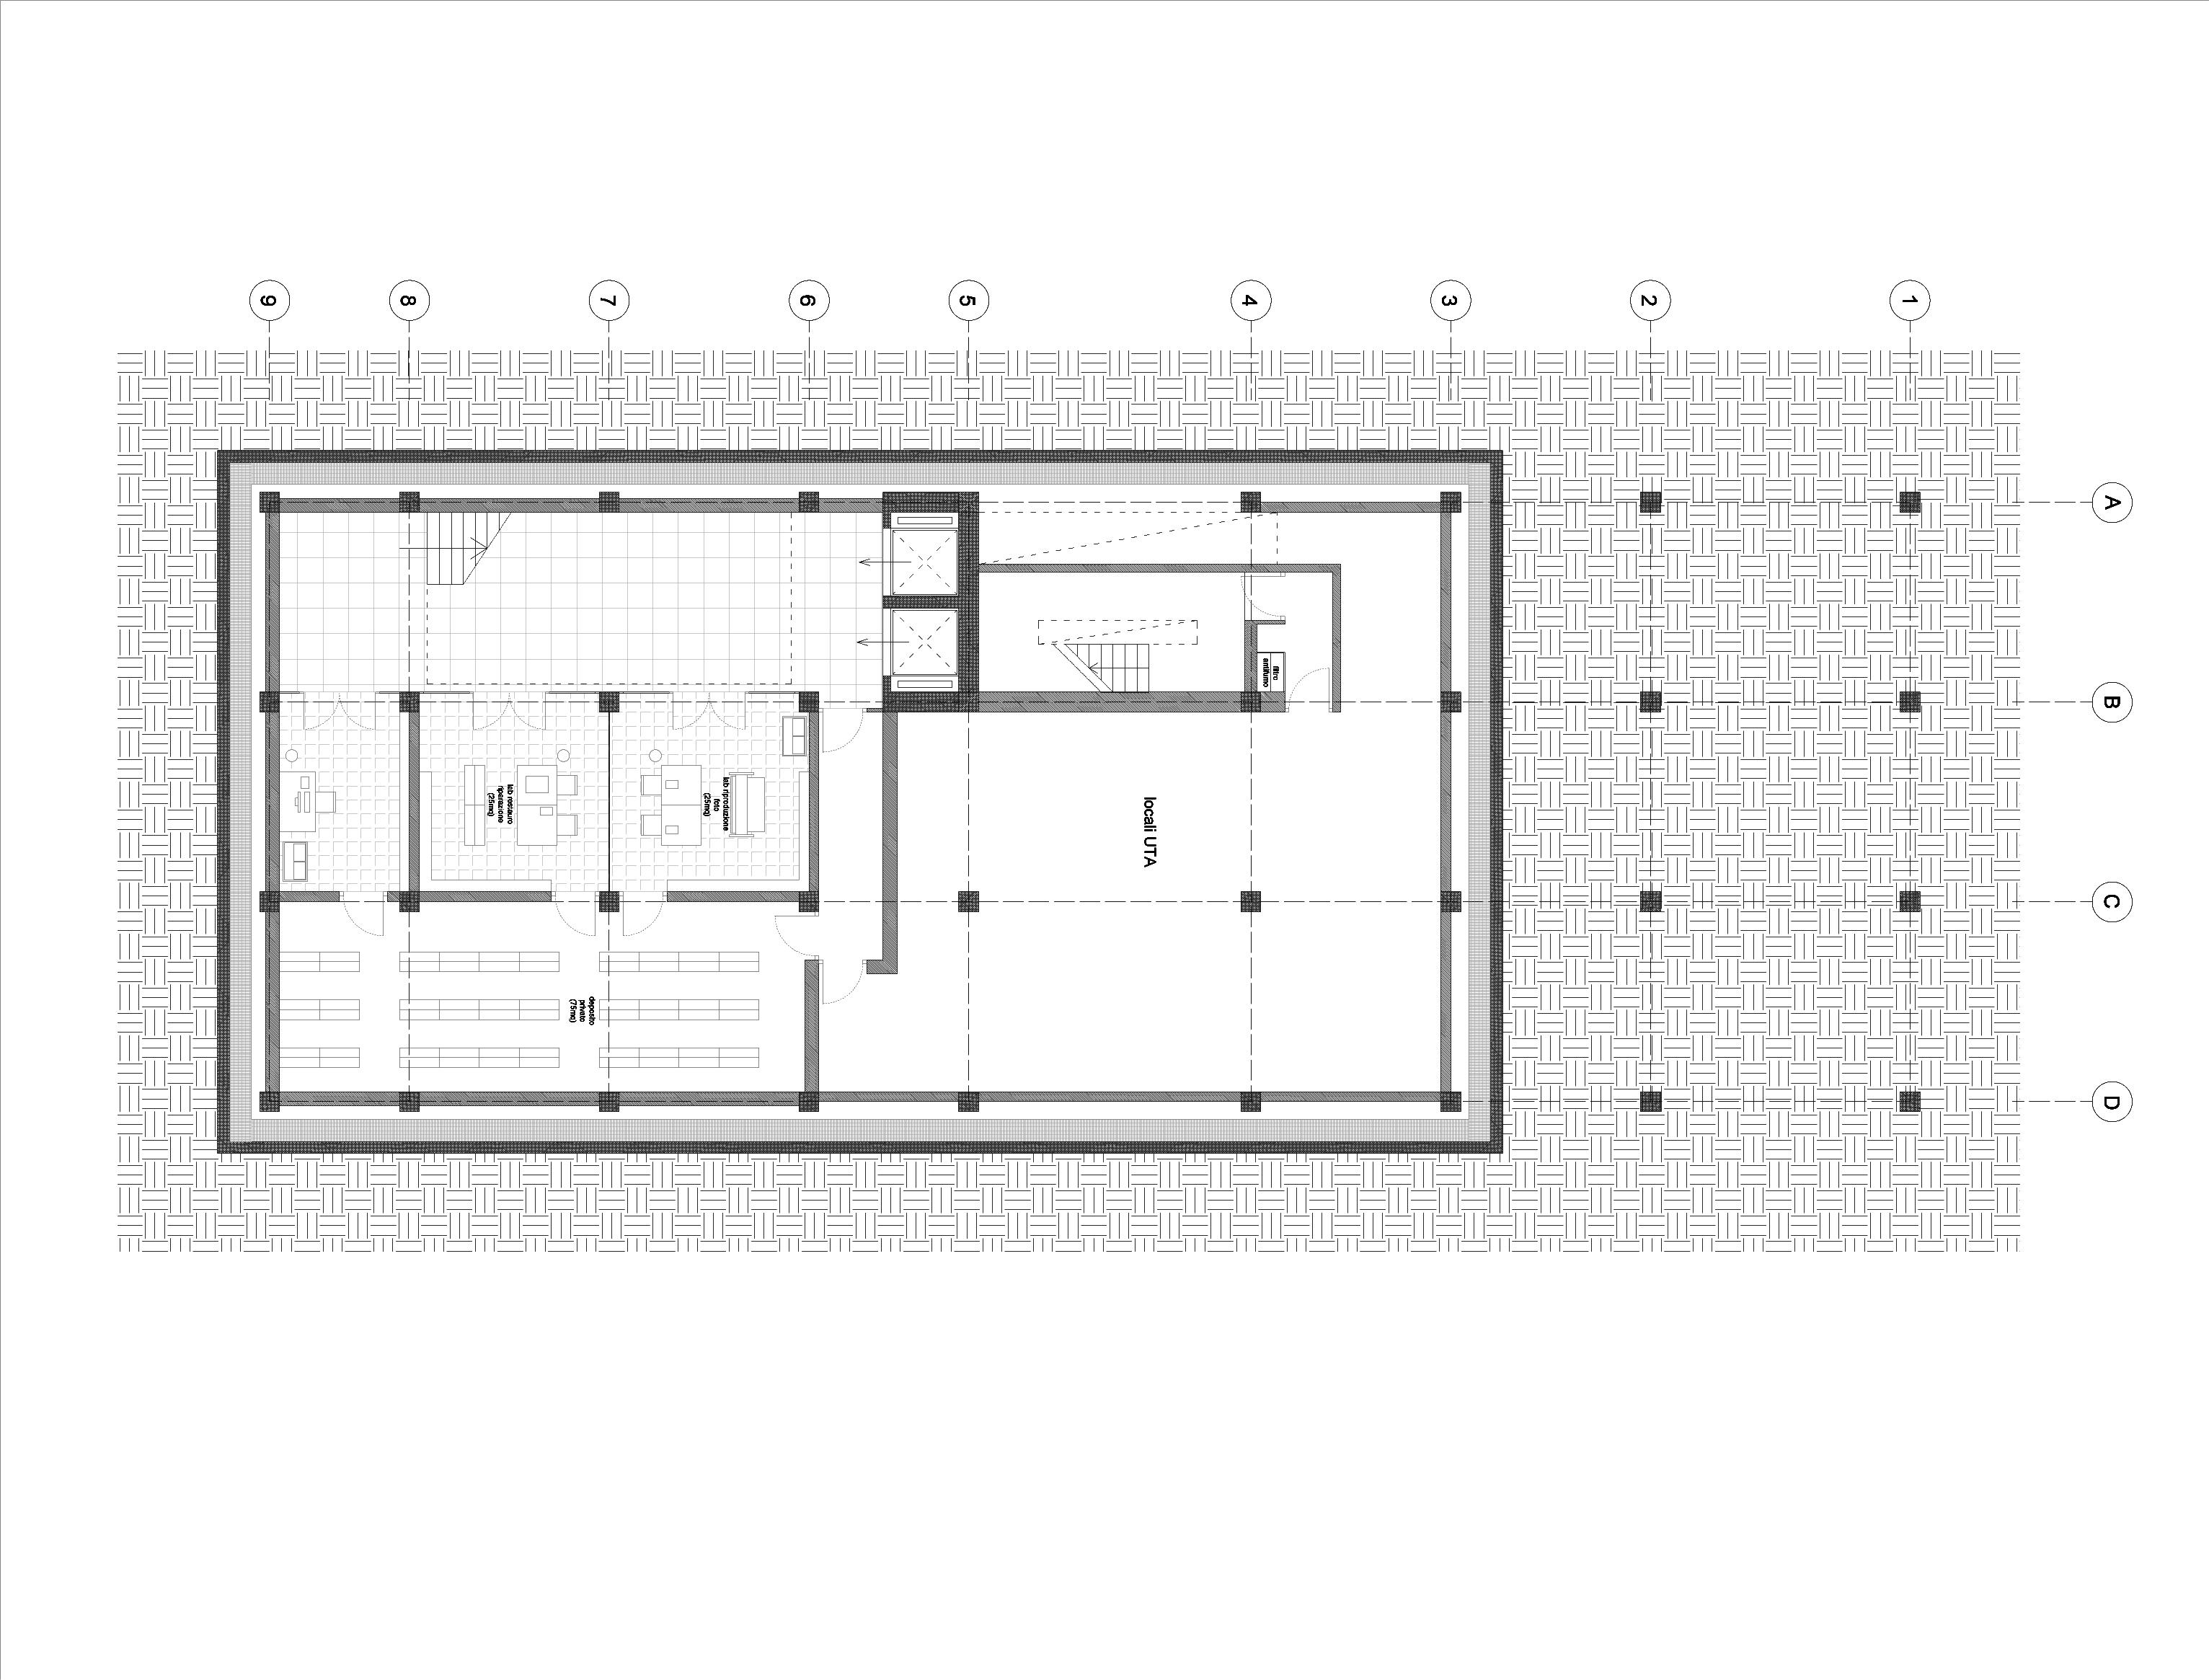 Consegna 02 panasiti ombres laboratori di for Strumento di layout piano terra